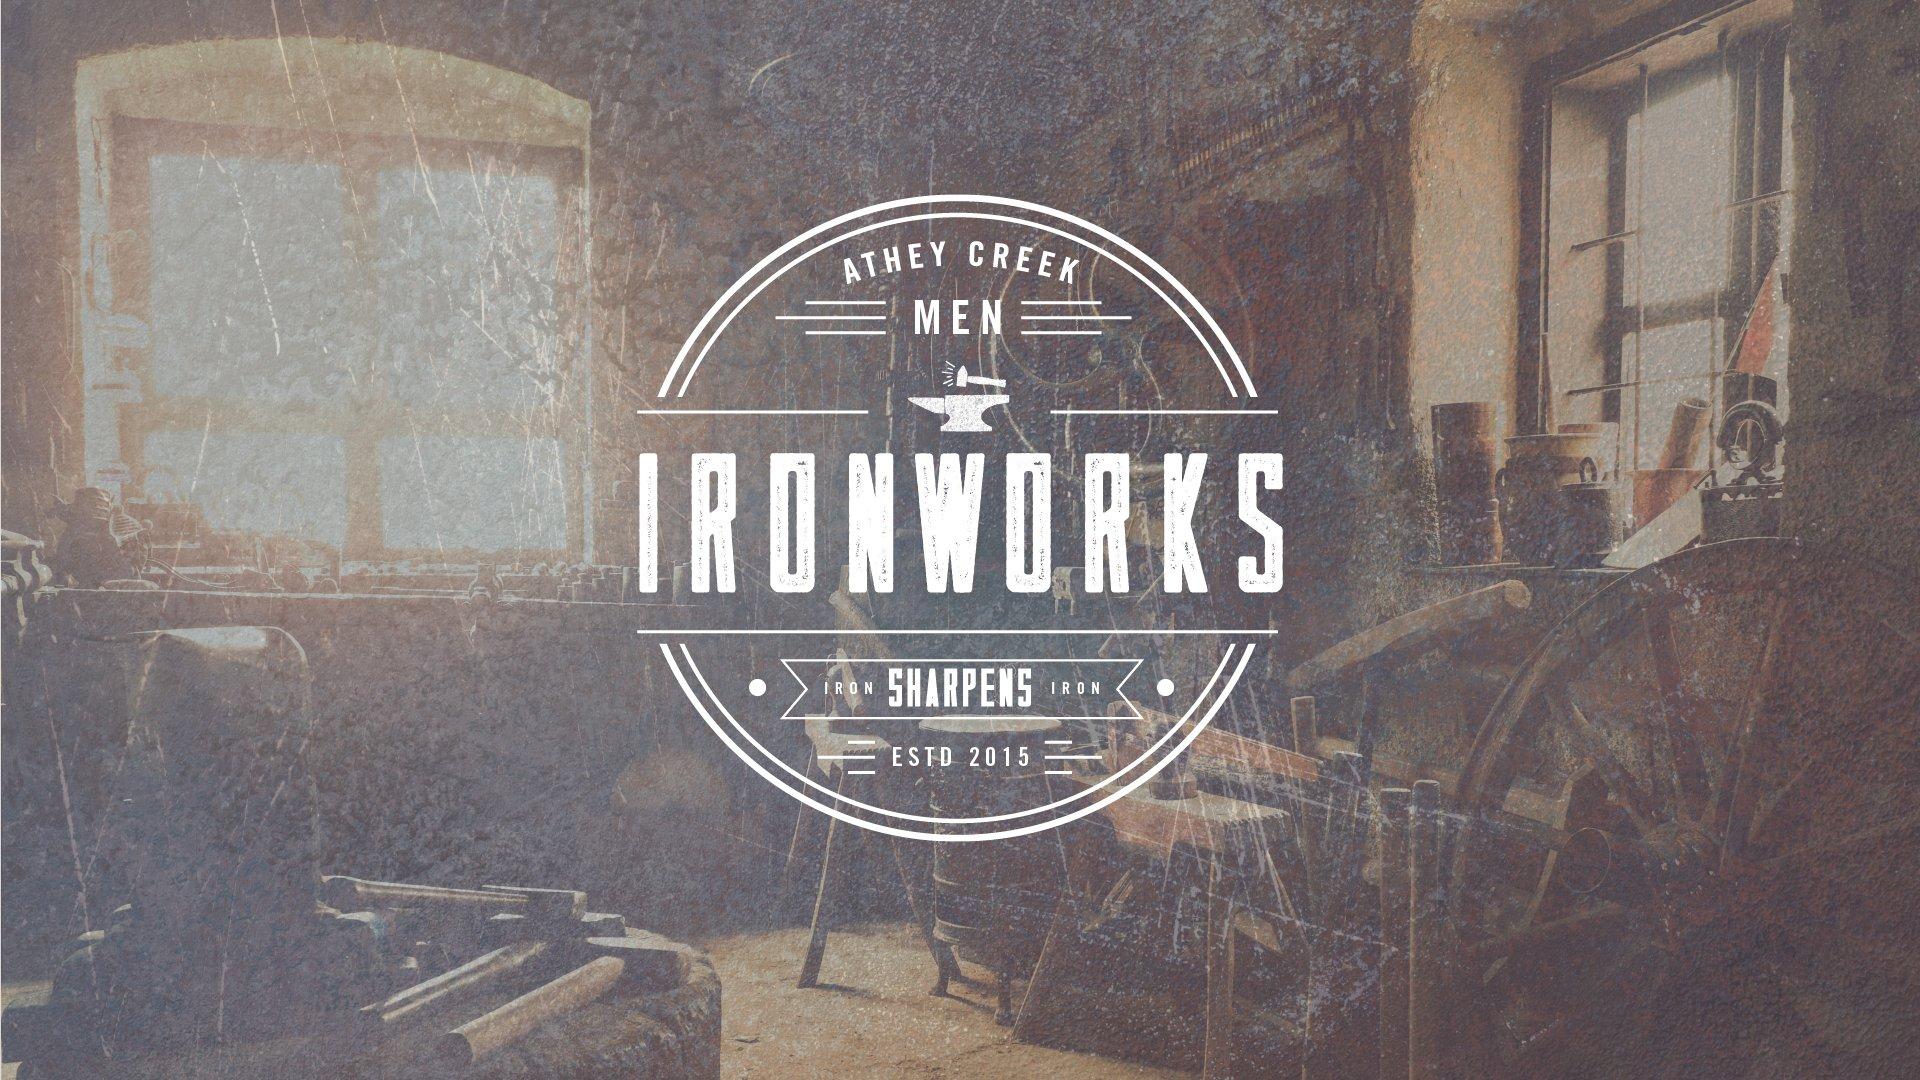 Teaching artwork for Ironworks